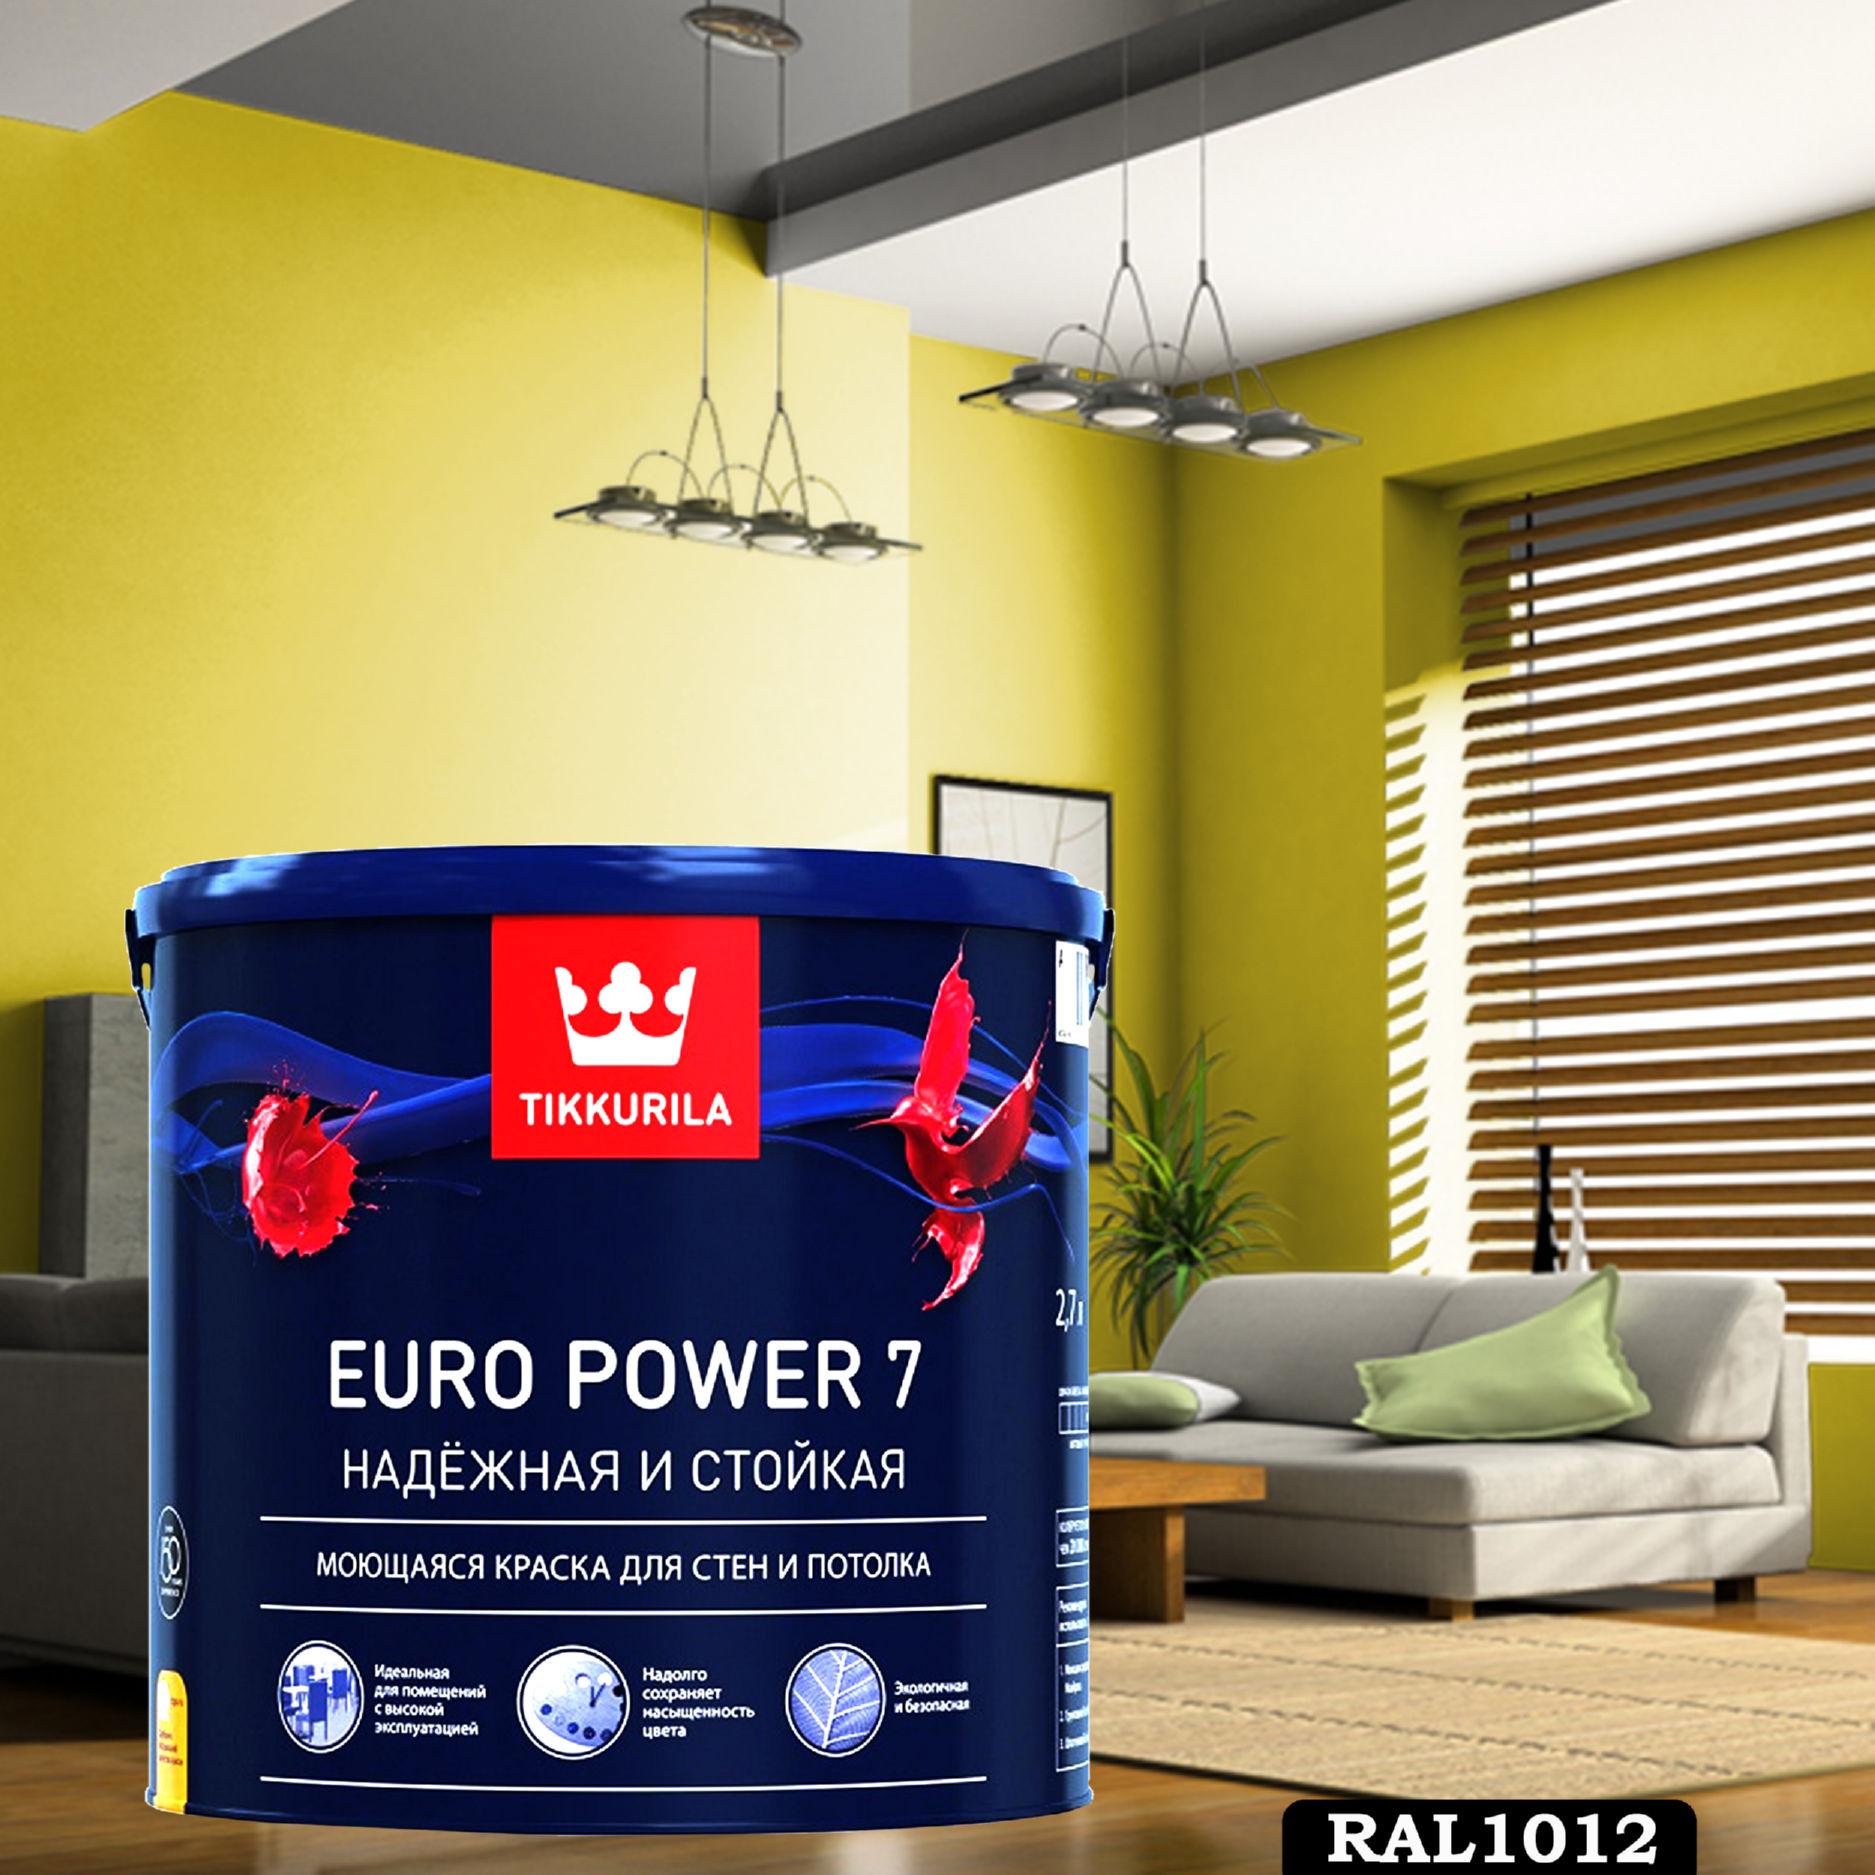 Фото 10 - Краска TIKKURILA Euro Power 7,  RAL 1012 Лимонно-жёлтый, латексная моющаяся матовая интерьерная, 9 л.